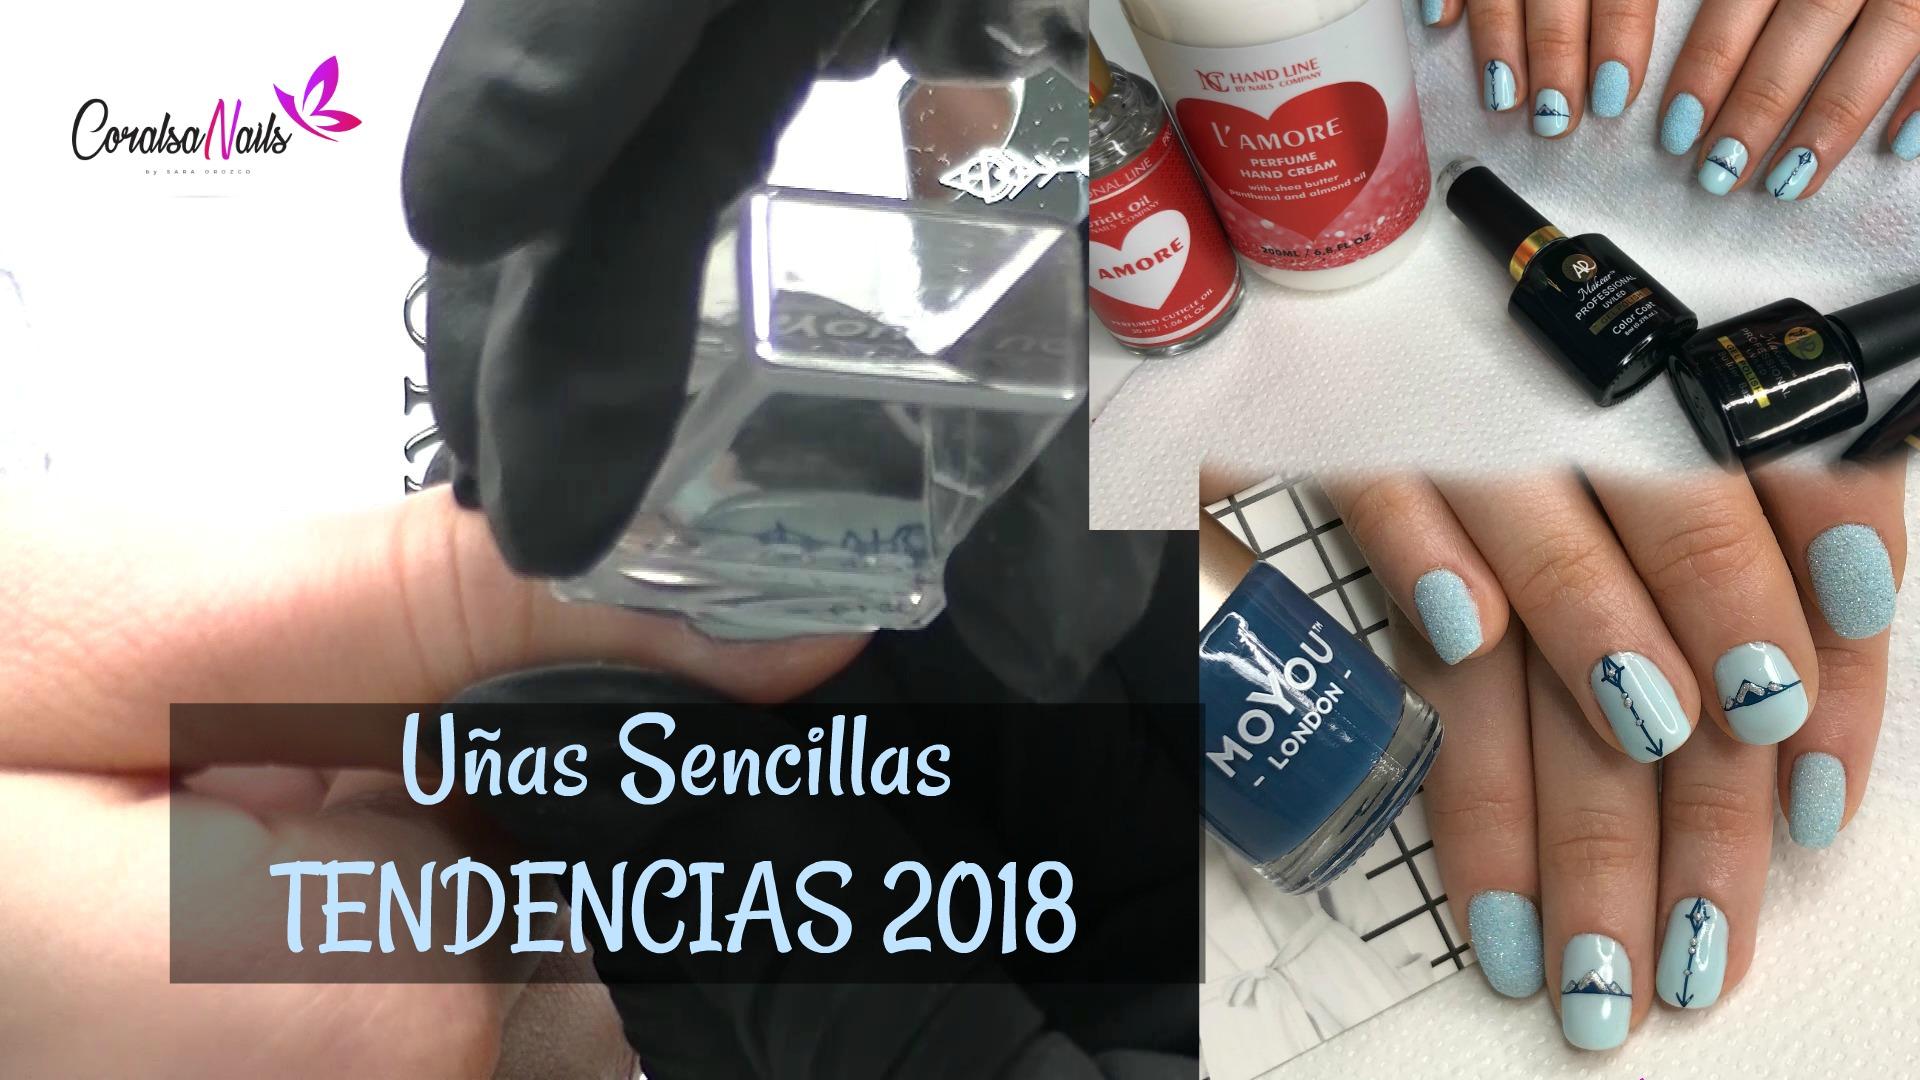 Uñas Tendencias 2018. Diseño sin manicura